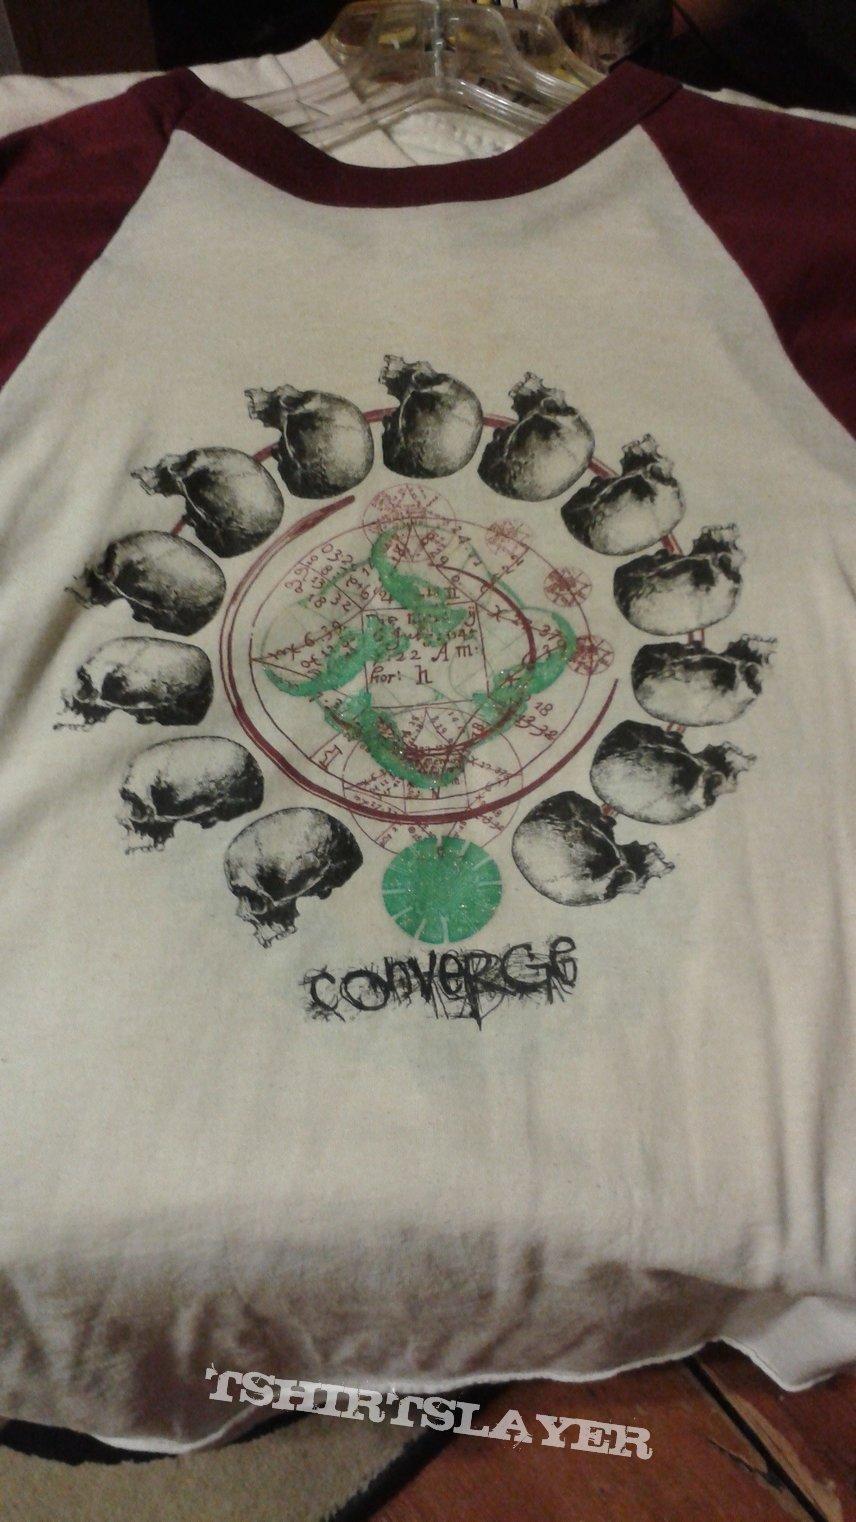 Converge Caring And Killing baseball t-shirt.